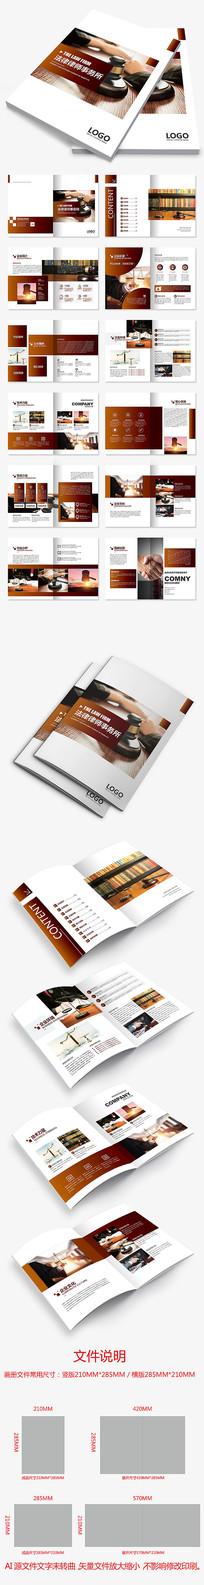 棕色律师事务所法律法务培训画册设计模板